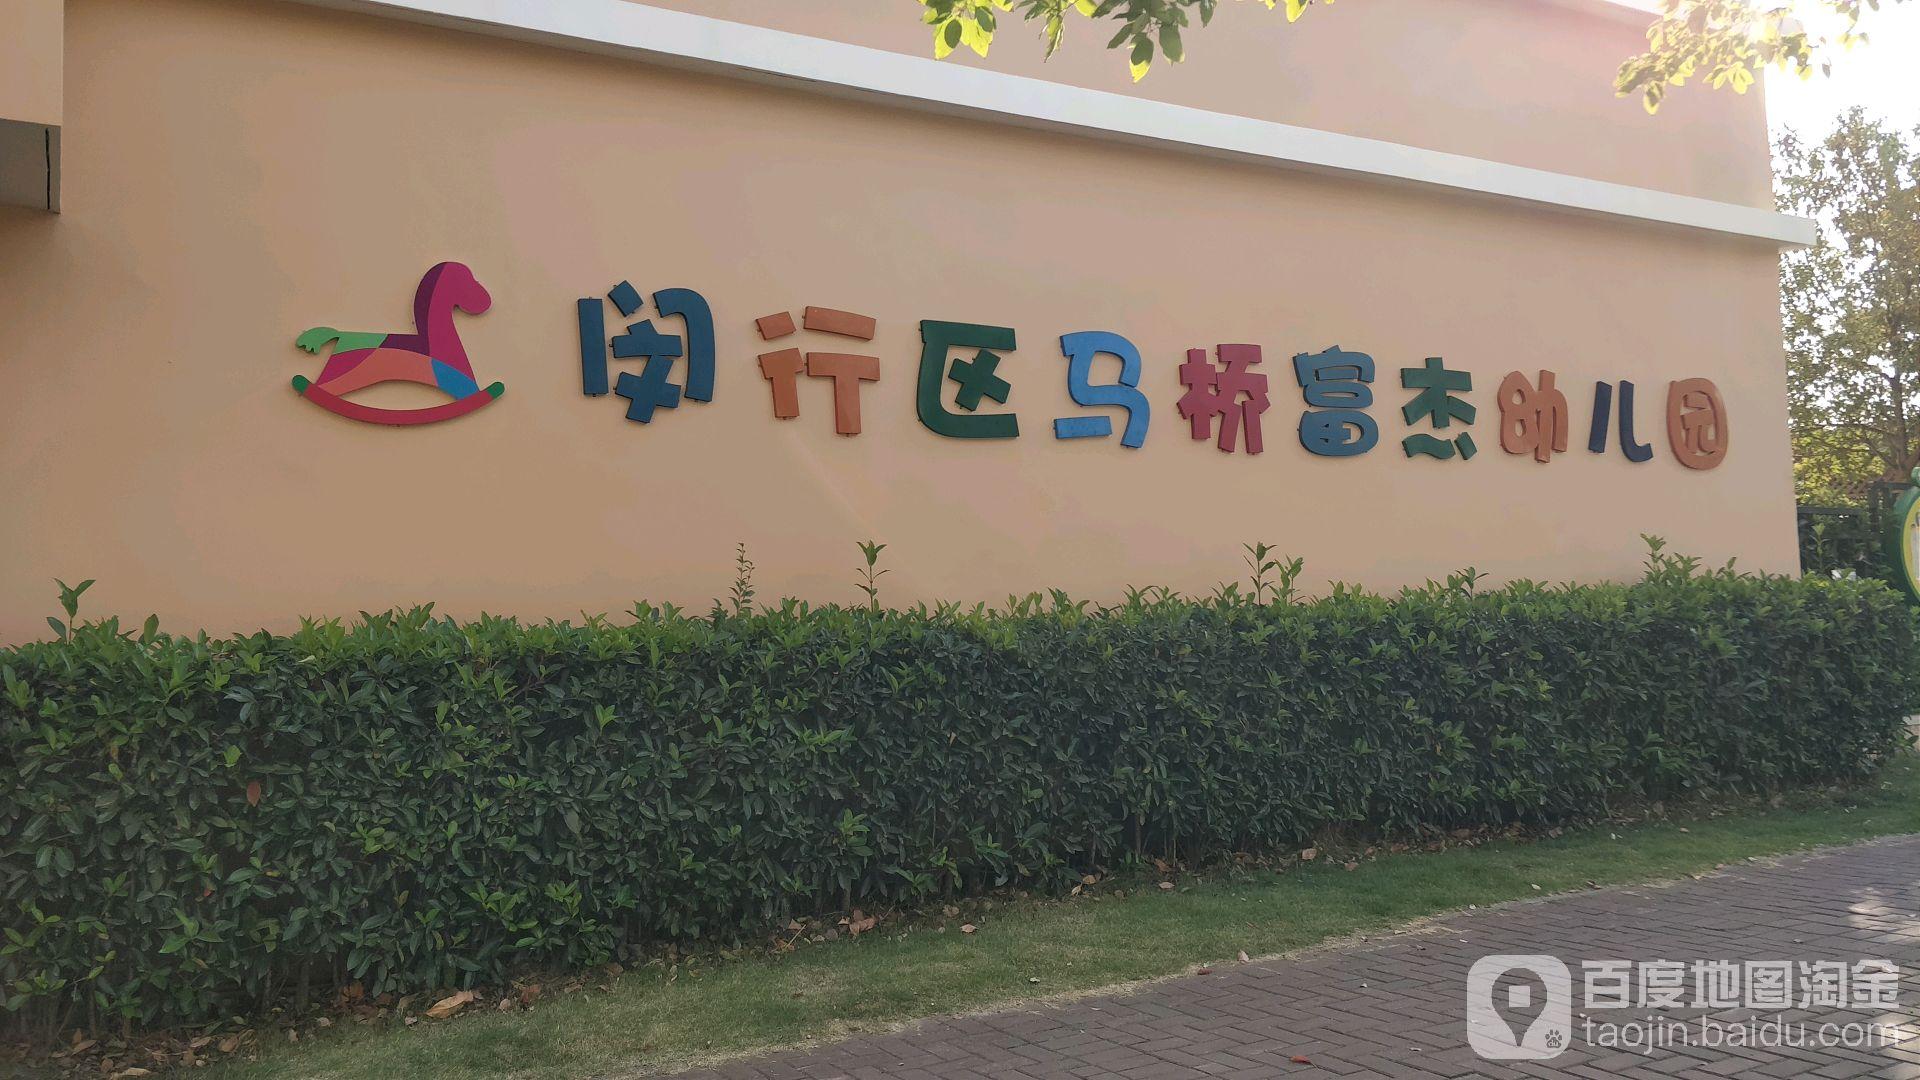 上海市闵行区马桥富杰幼儿园